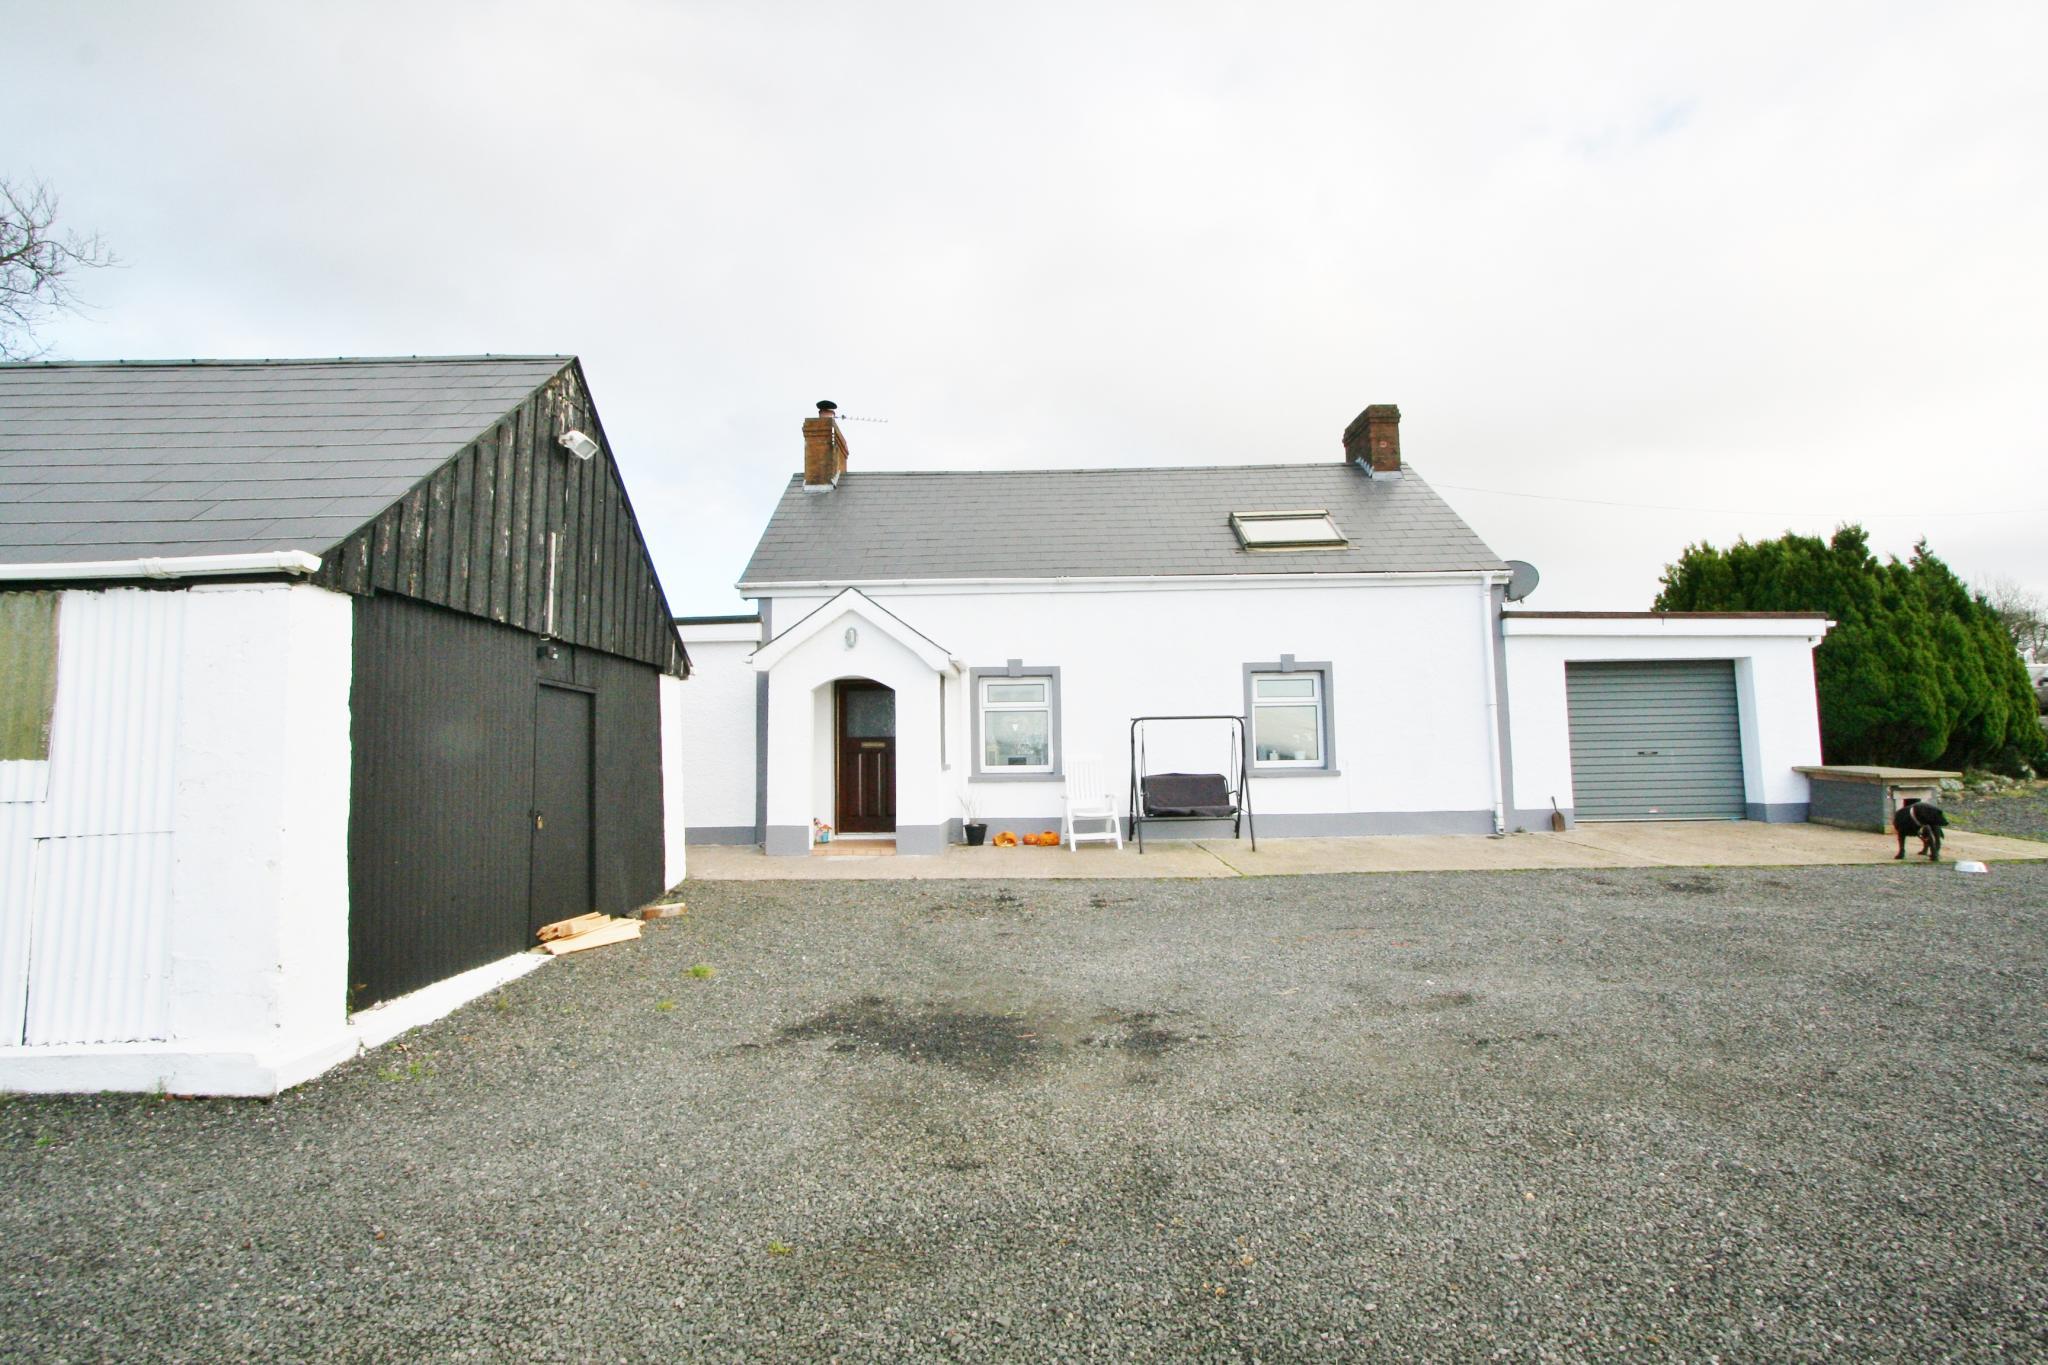 102 steeple road antrim bt41 2lt 3 bedroom detached - Average pg e bill for 3 bedroom house ...